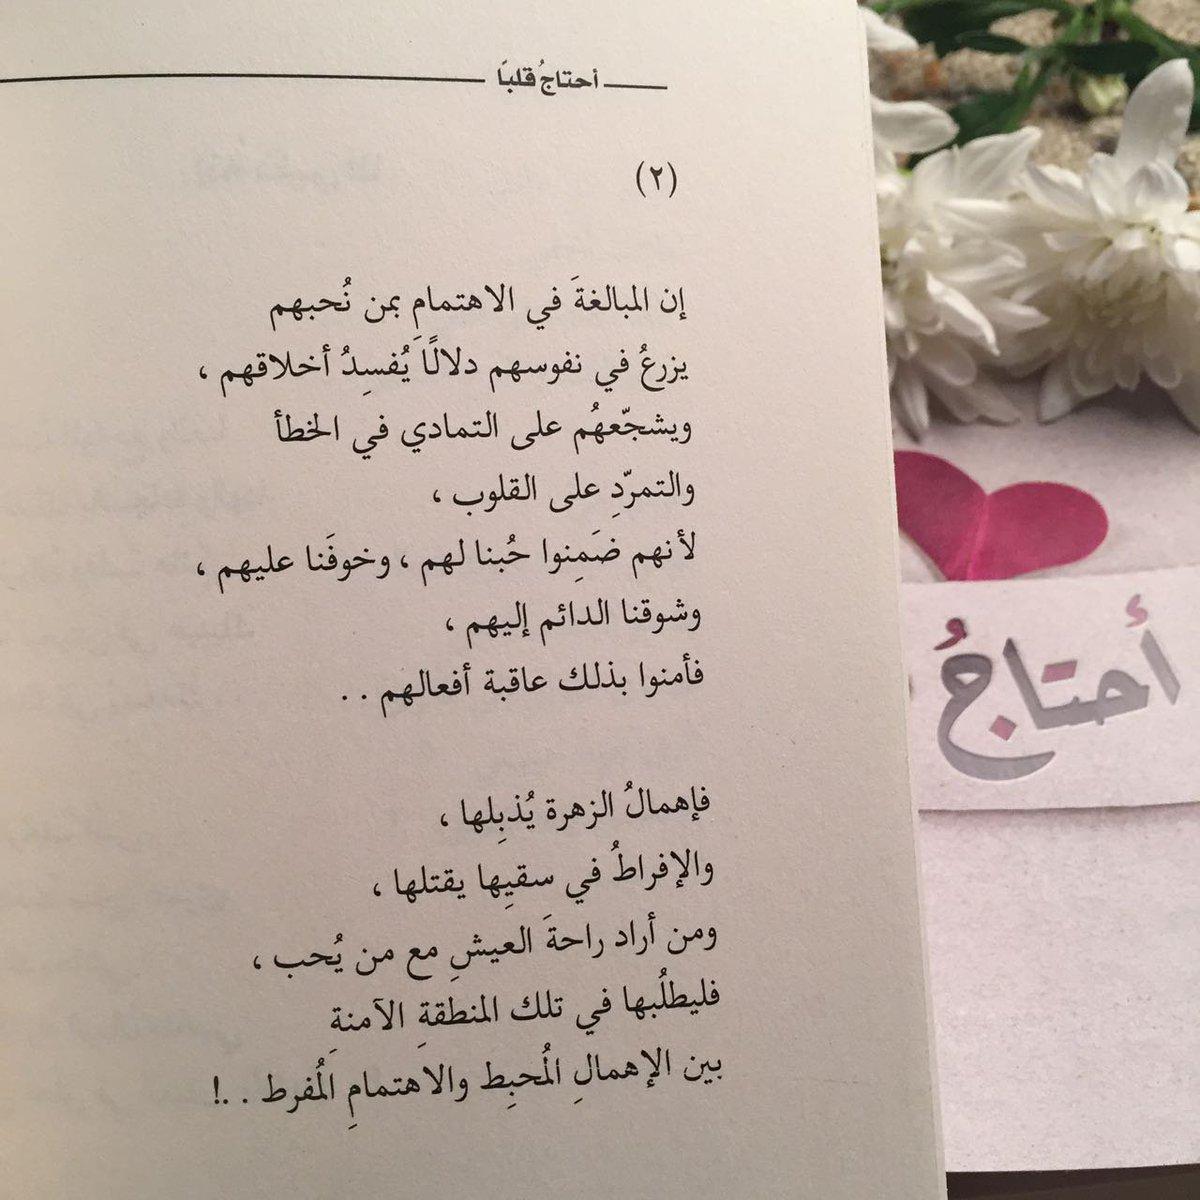 اسم كتاب شريان الديحاني